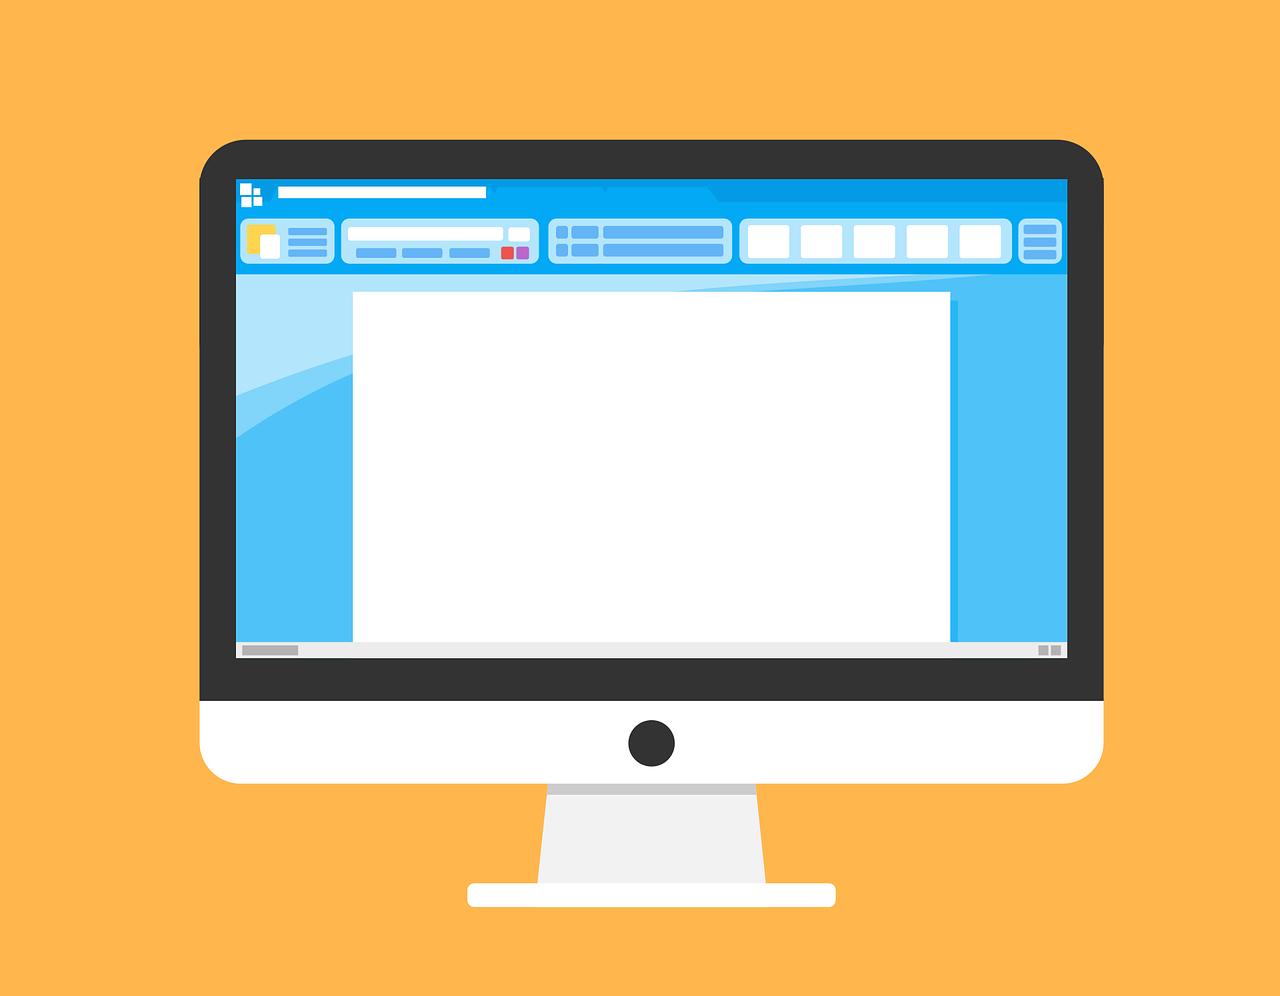 Cum se adaugă un tabel într-un document word?